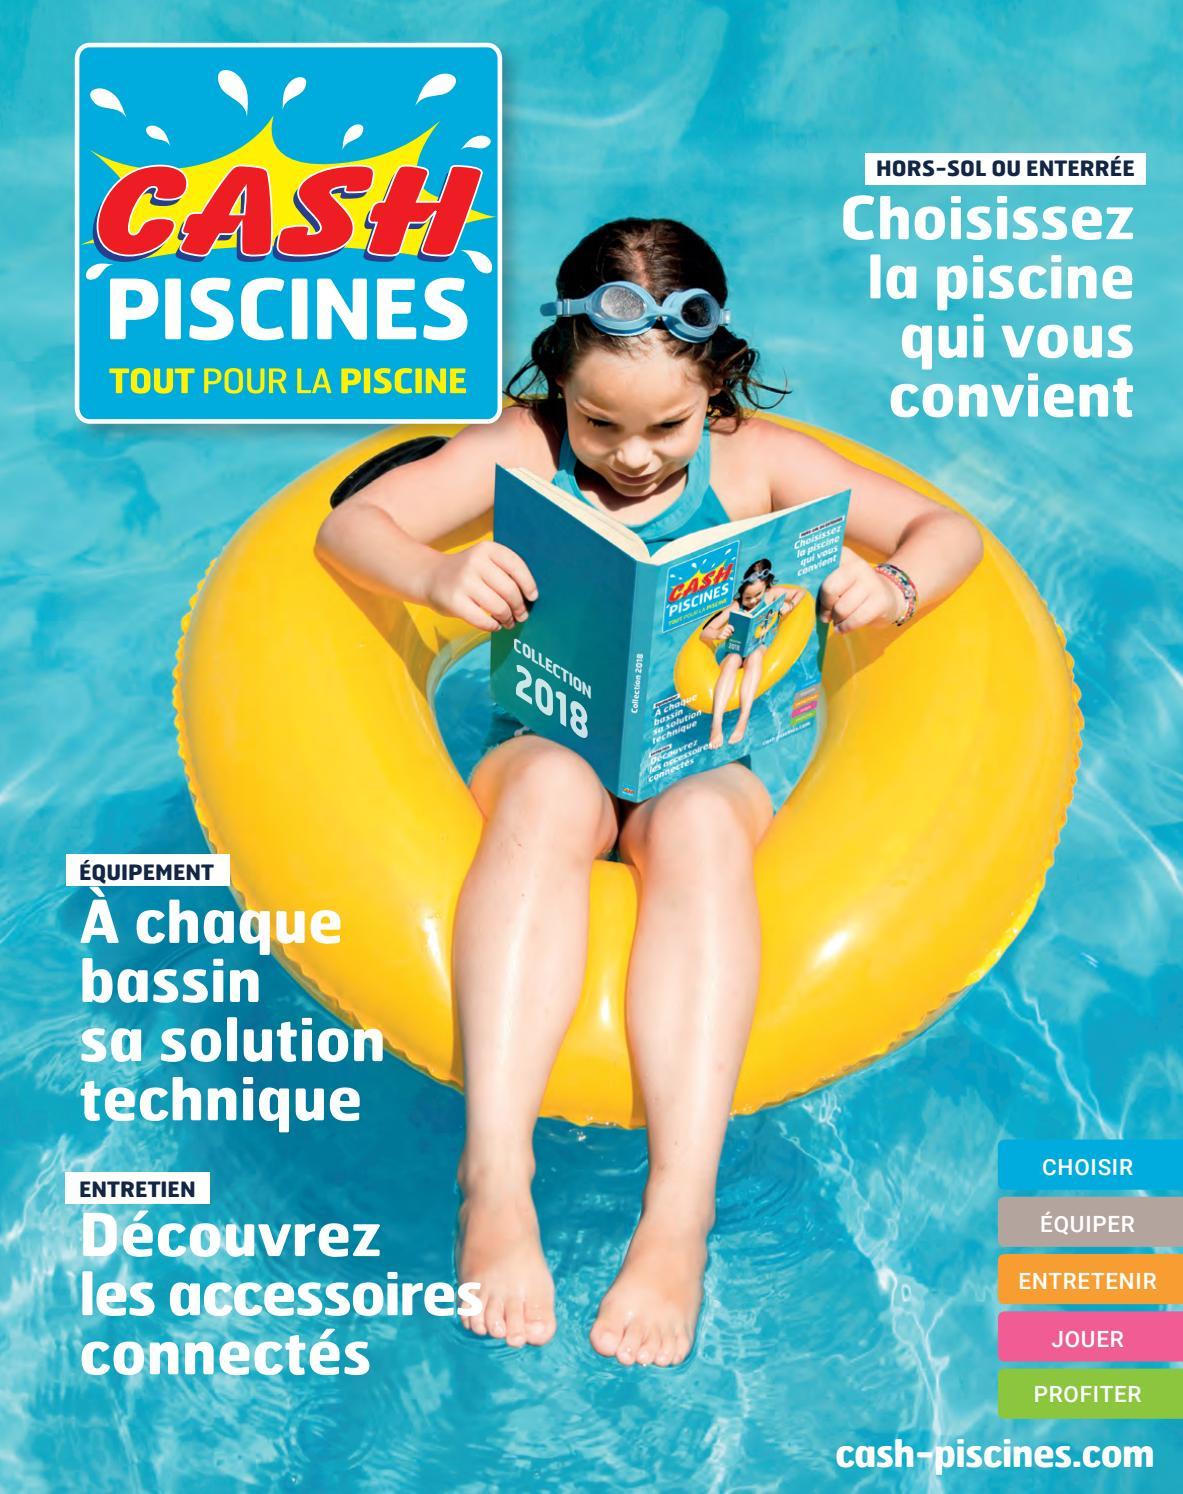 Catalogue Cash Piscine 2018 By Octave Octave - Issuu dedans Cash Piscine Toulouse